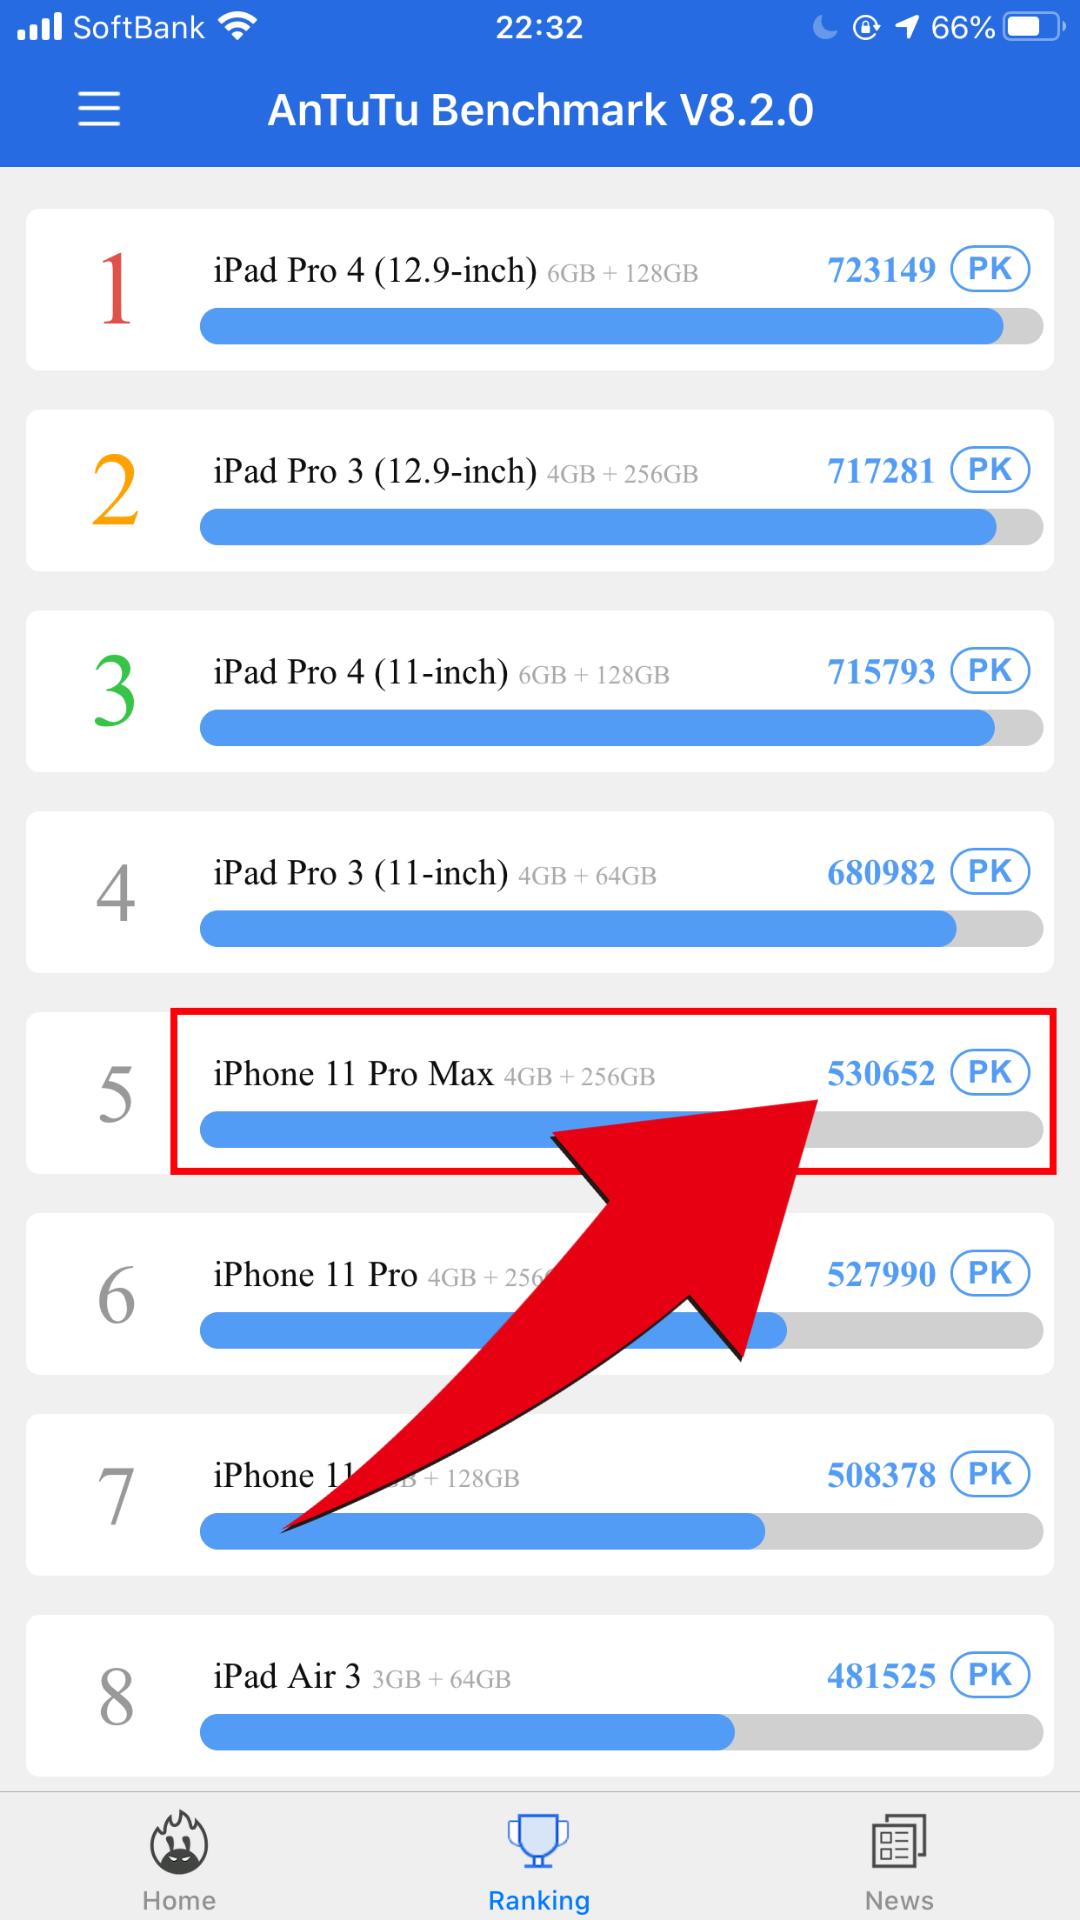 iPhone 11 Pro Max AnTuTu4